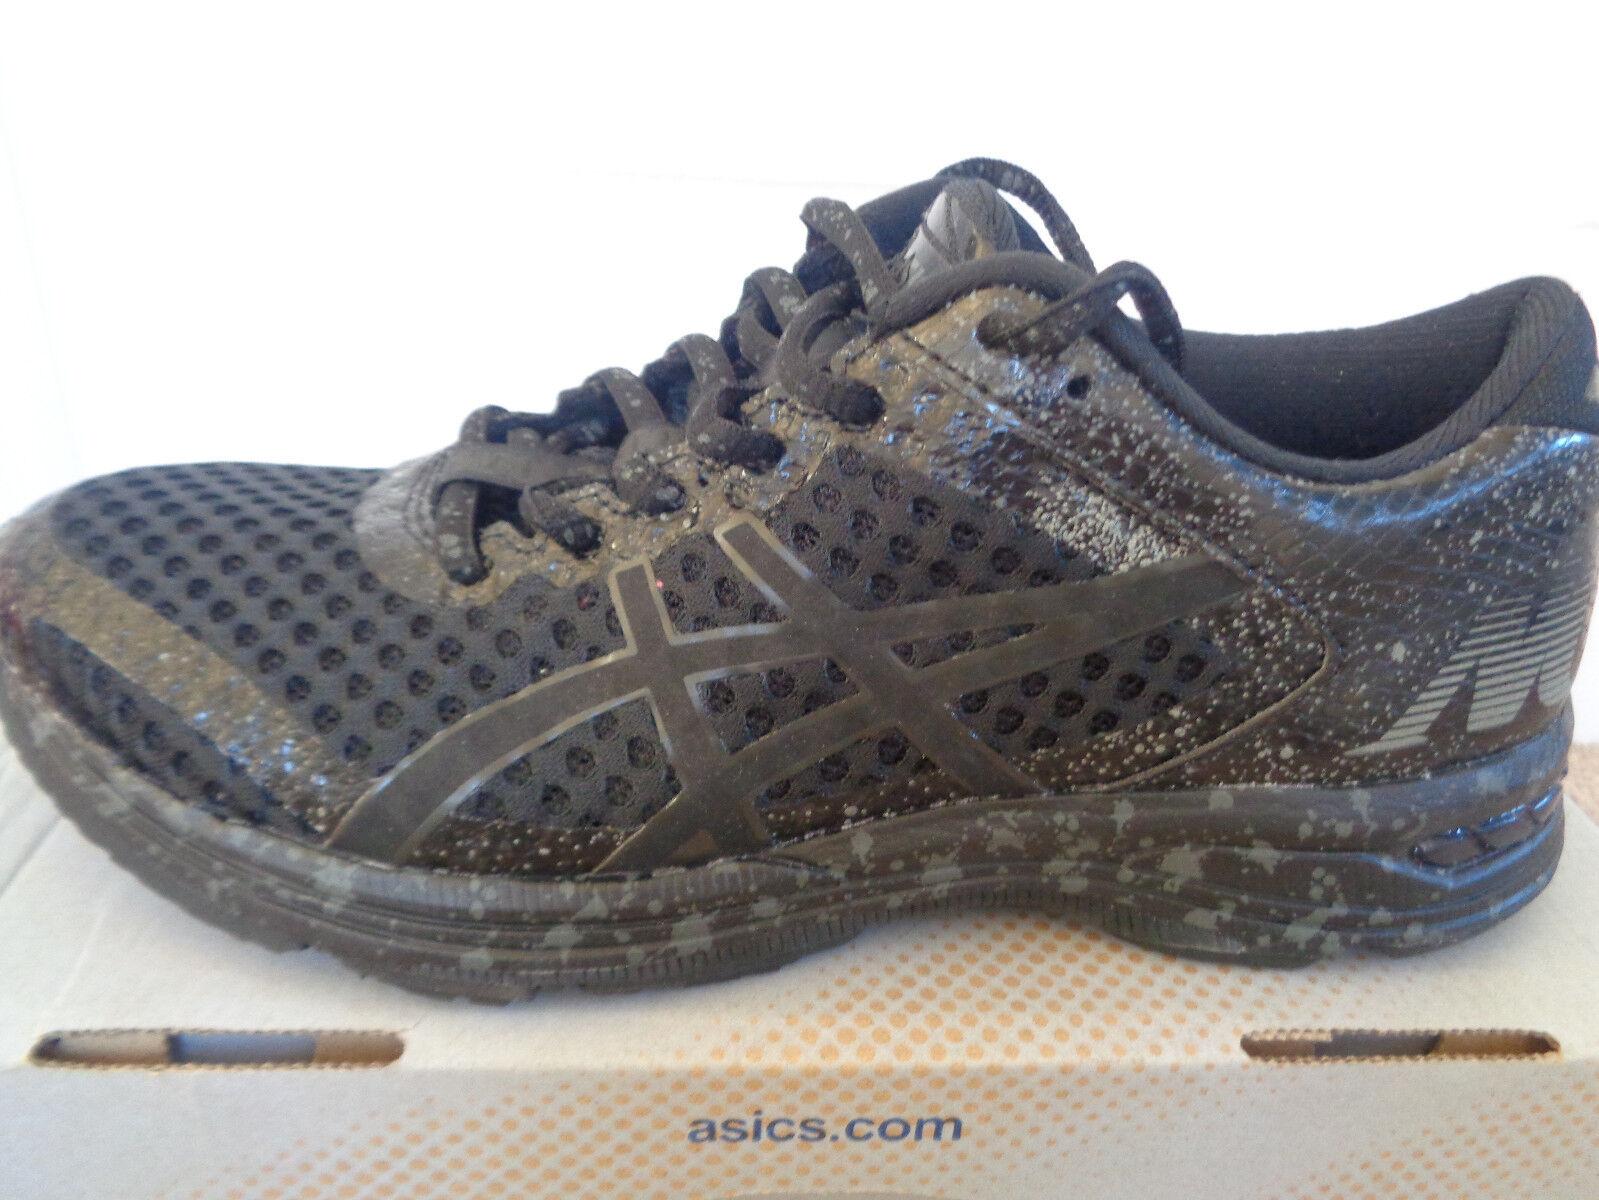 Asics Gel Noosa II wmns trainers shoes T676Q 9090 uk 5 eu 38 us 7 NEW+BOX